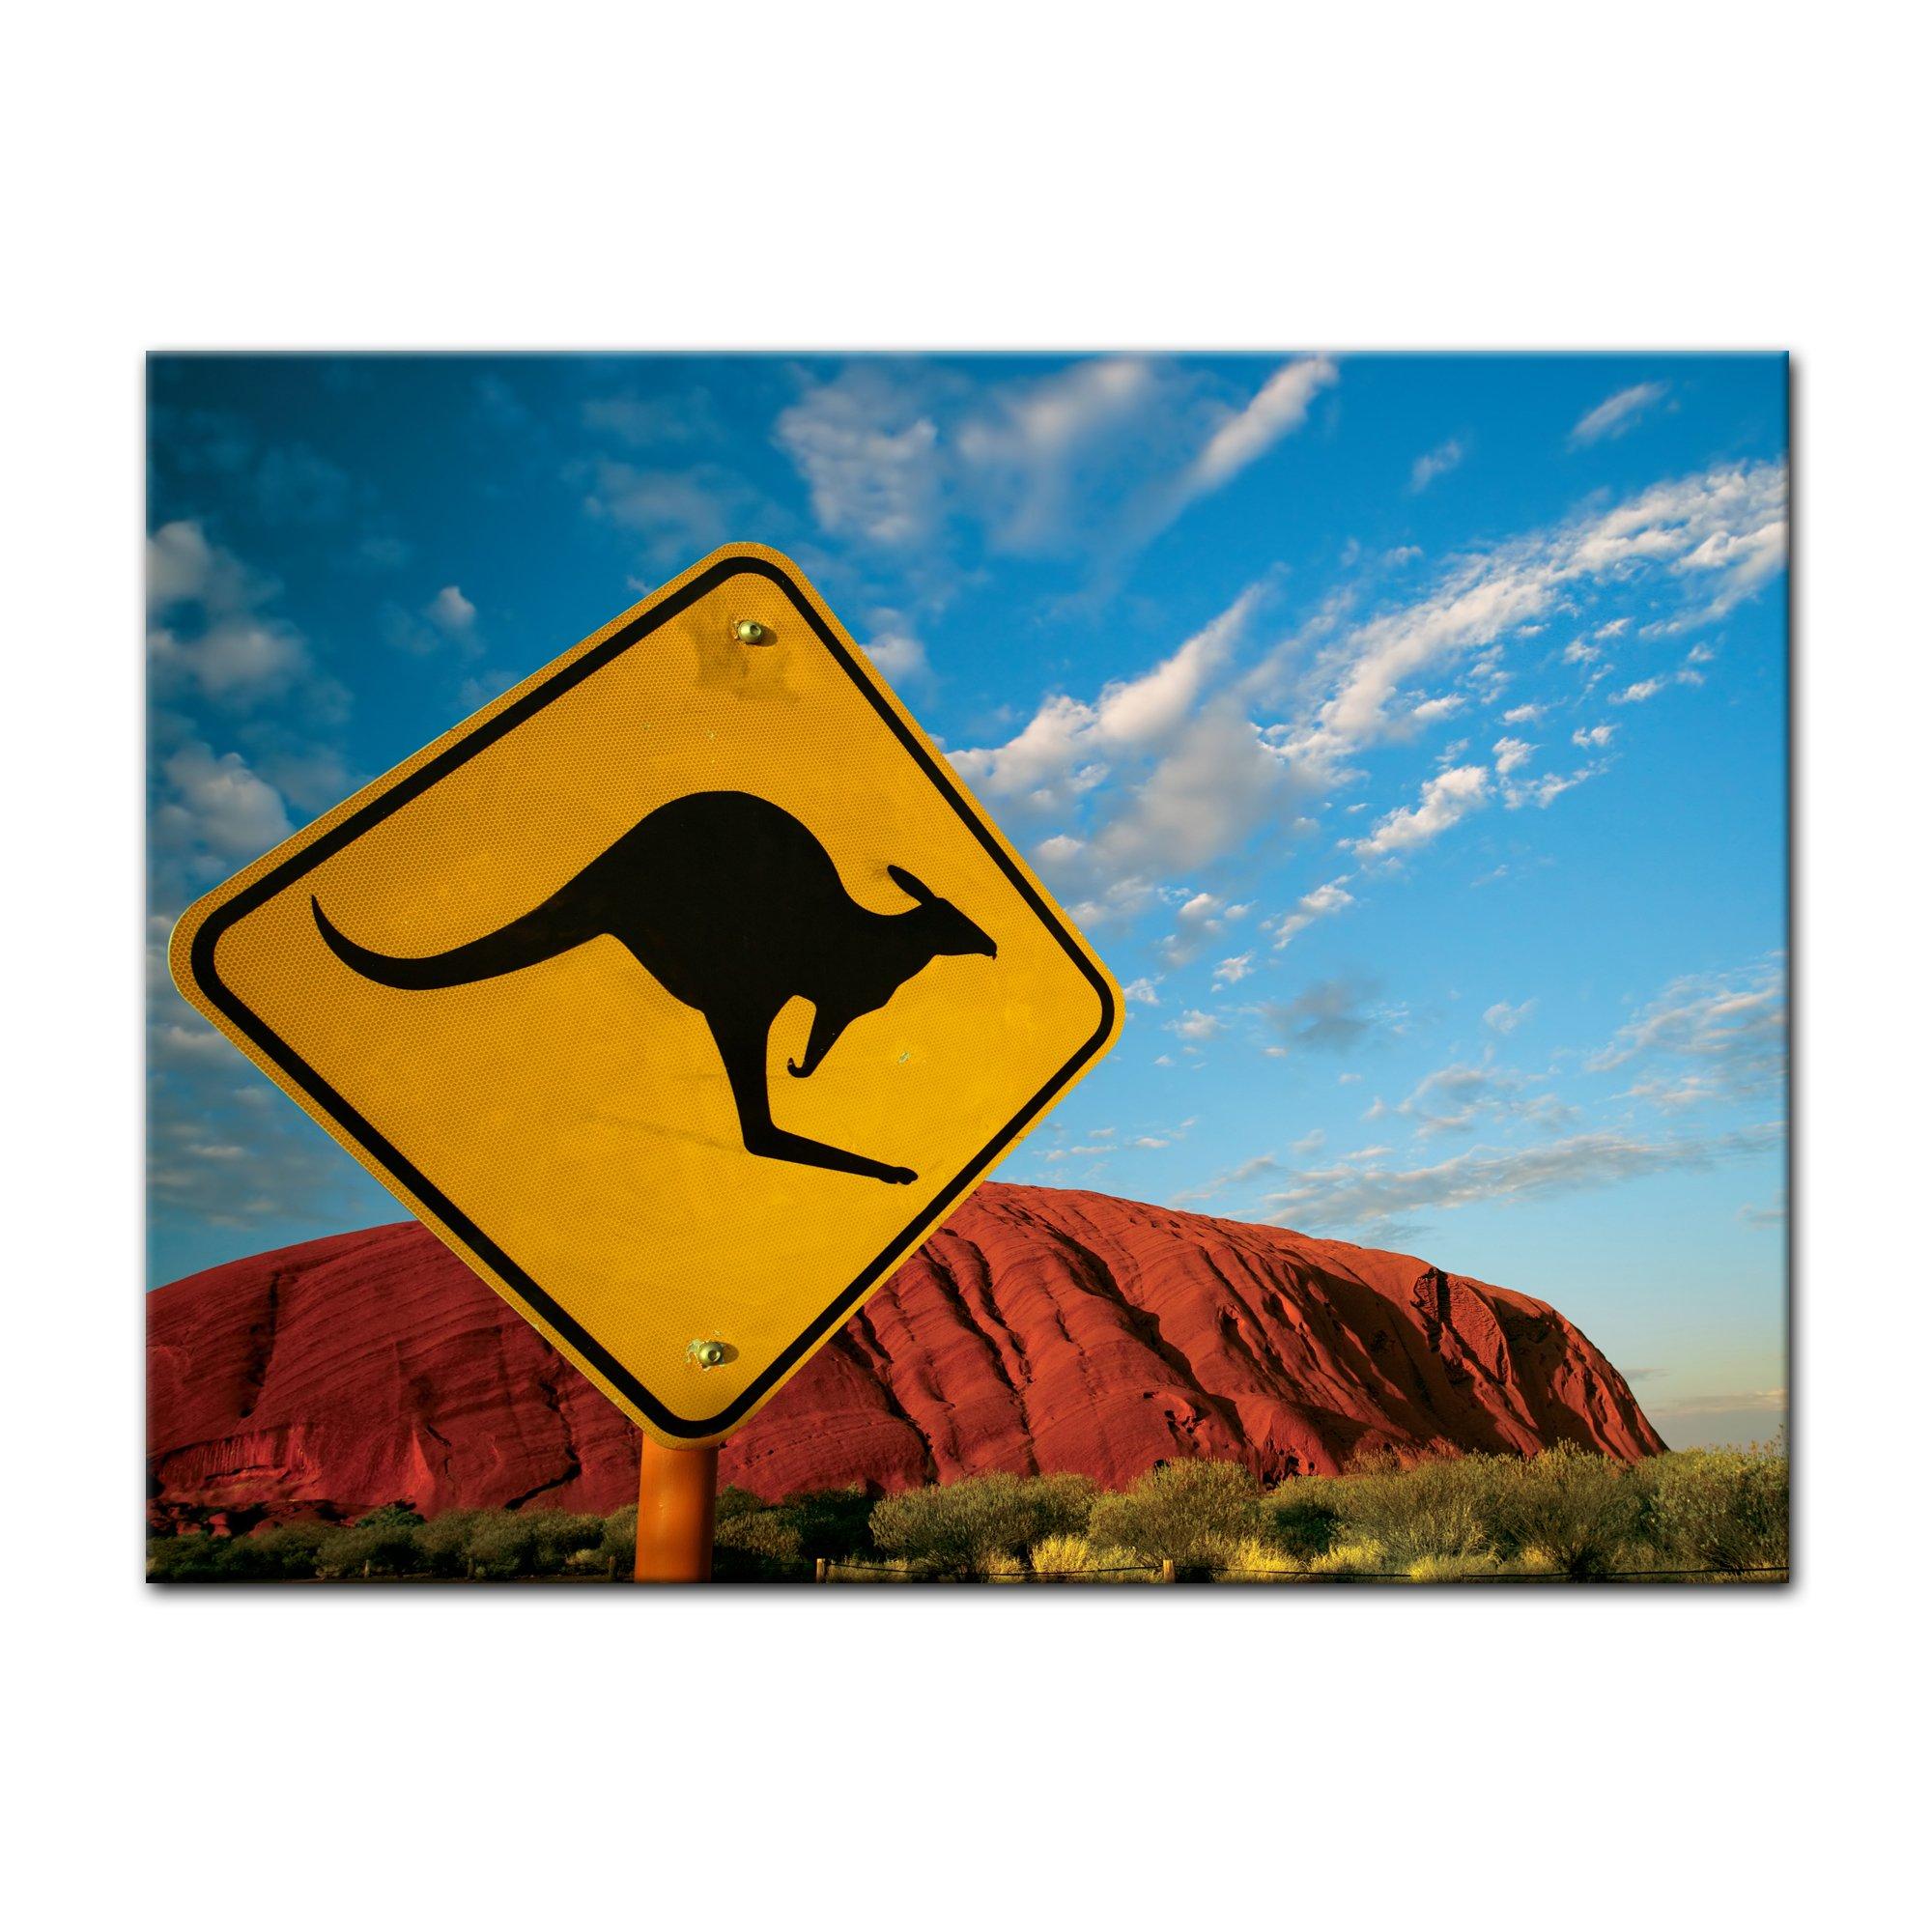 Bilderdepot24 Cuadros en Lienzo Ayers Rock - Australia 40x30 cm - Enmarcado Listo Bastidor Imagen. Directamente Desde el Fabricante: Amazon.es: Hogar